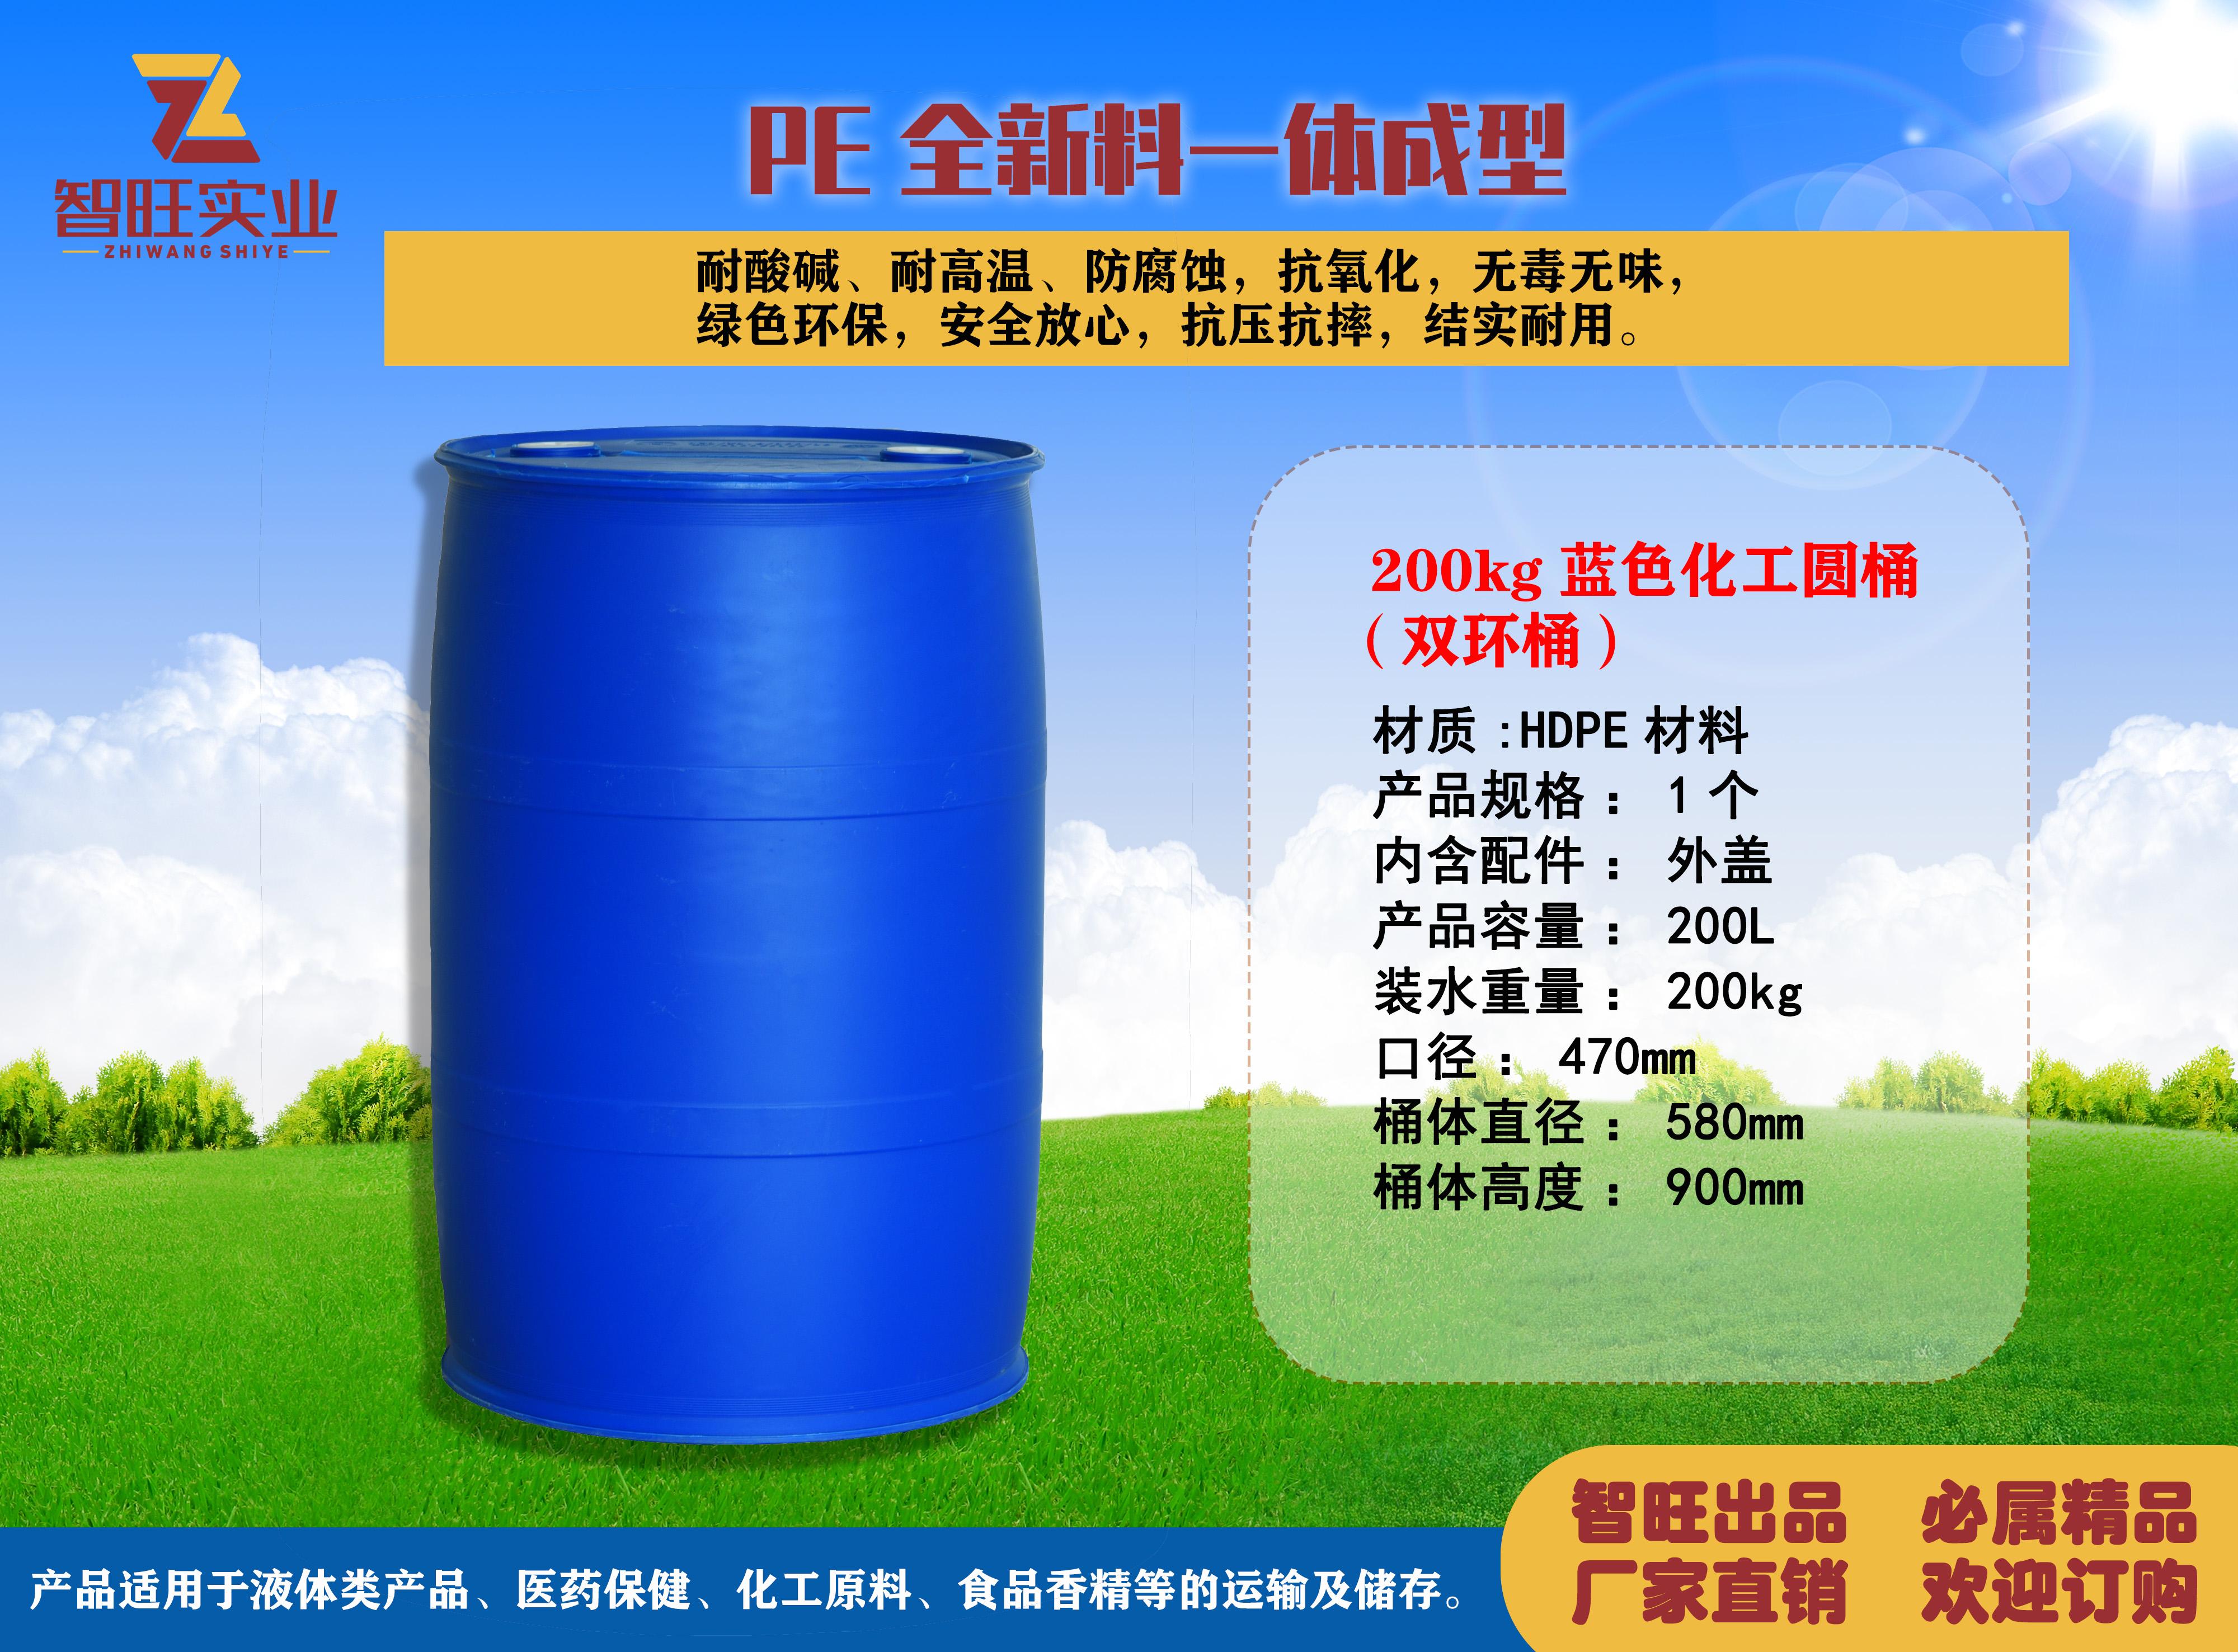 200kg藍色化工圓桶 (雙環桶)